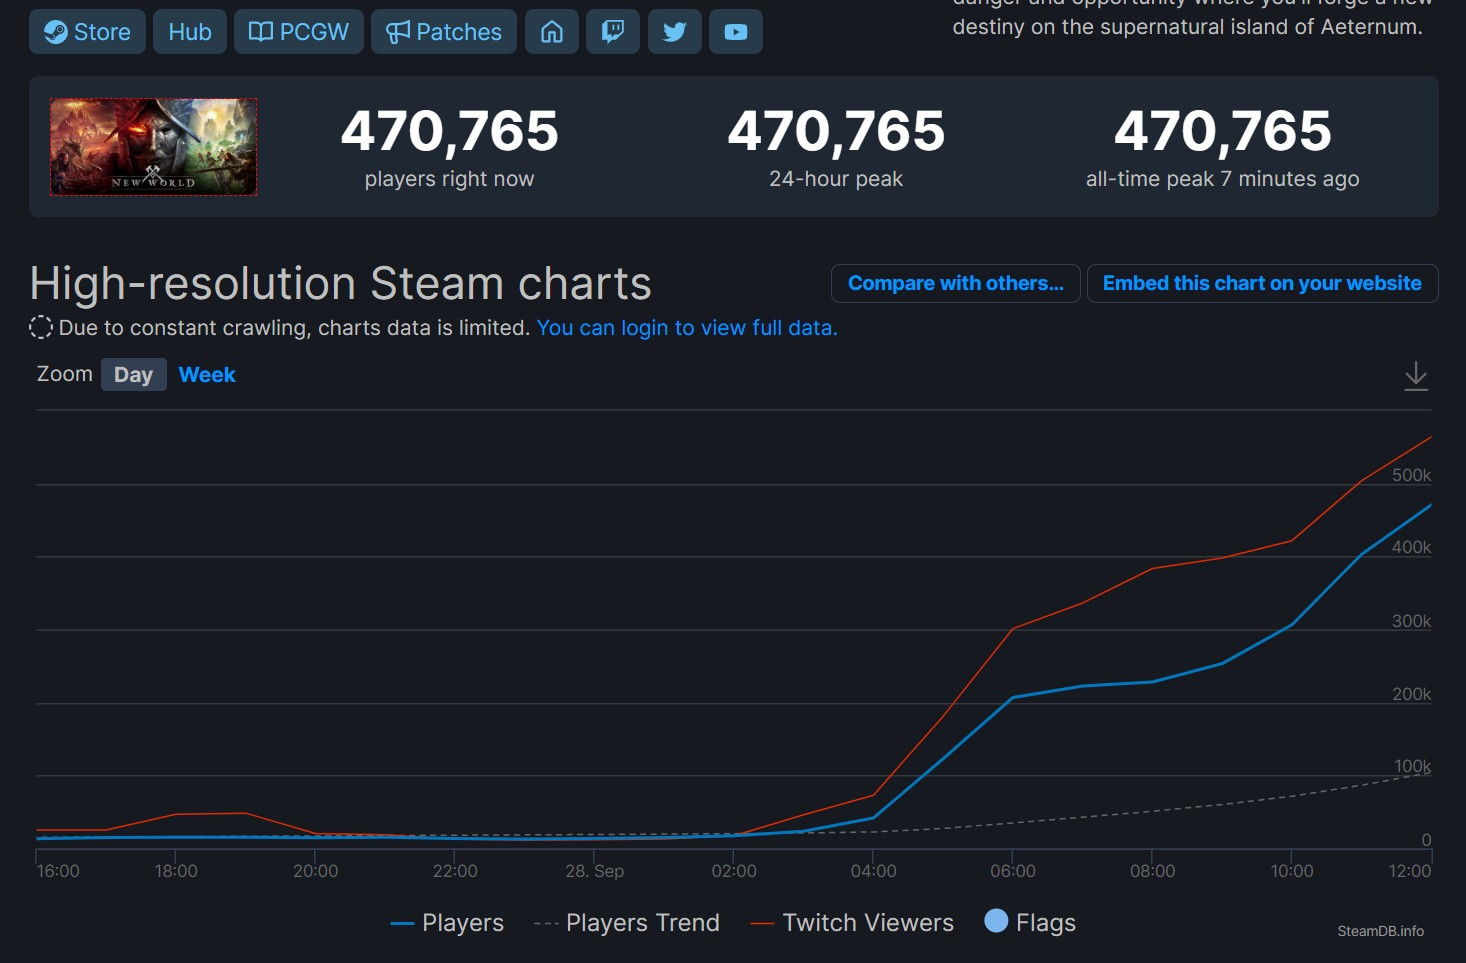 《新世界》Steam在线超47万 当前评价褒贬不一